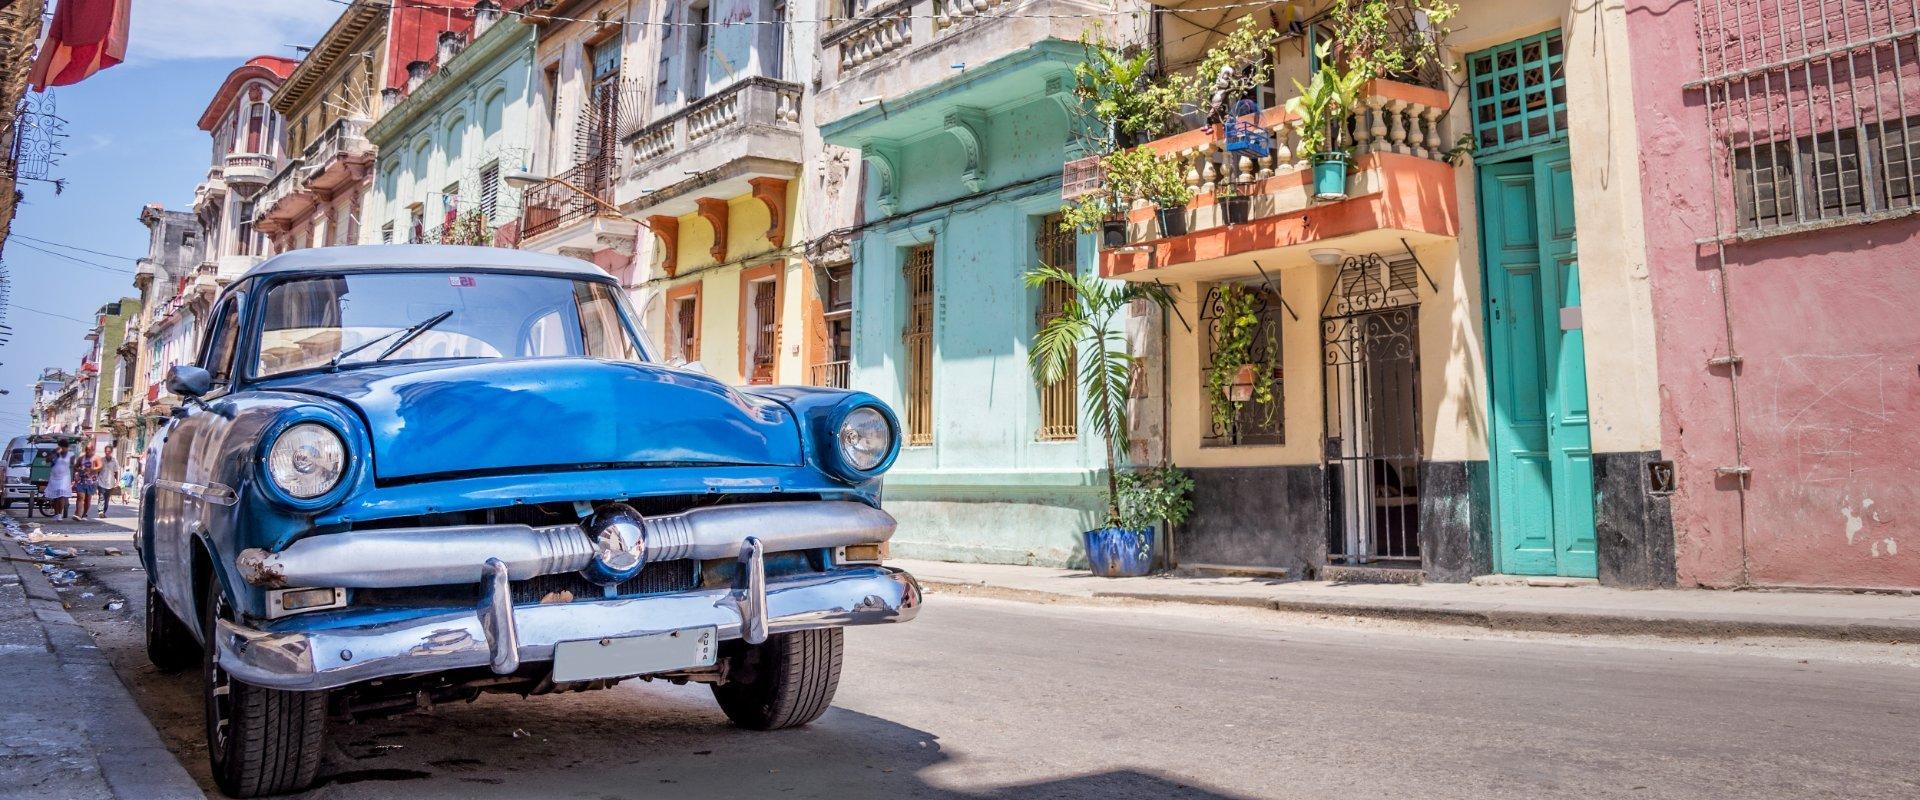 Cuba2semanas.jpg